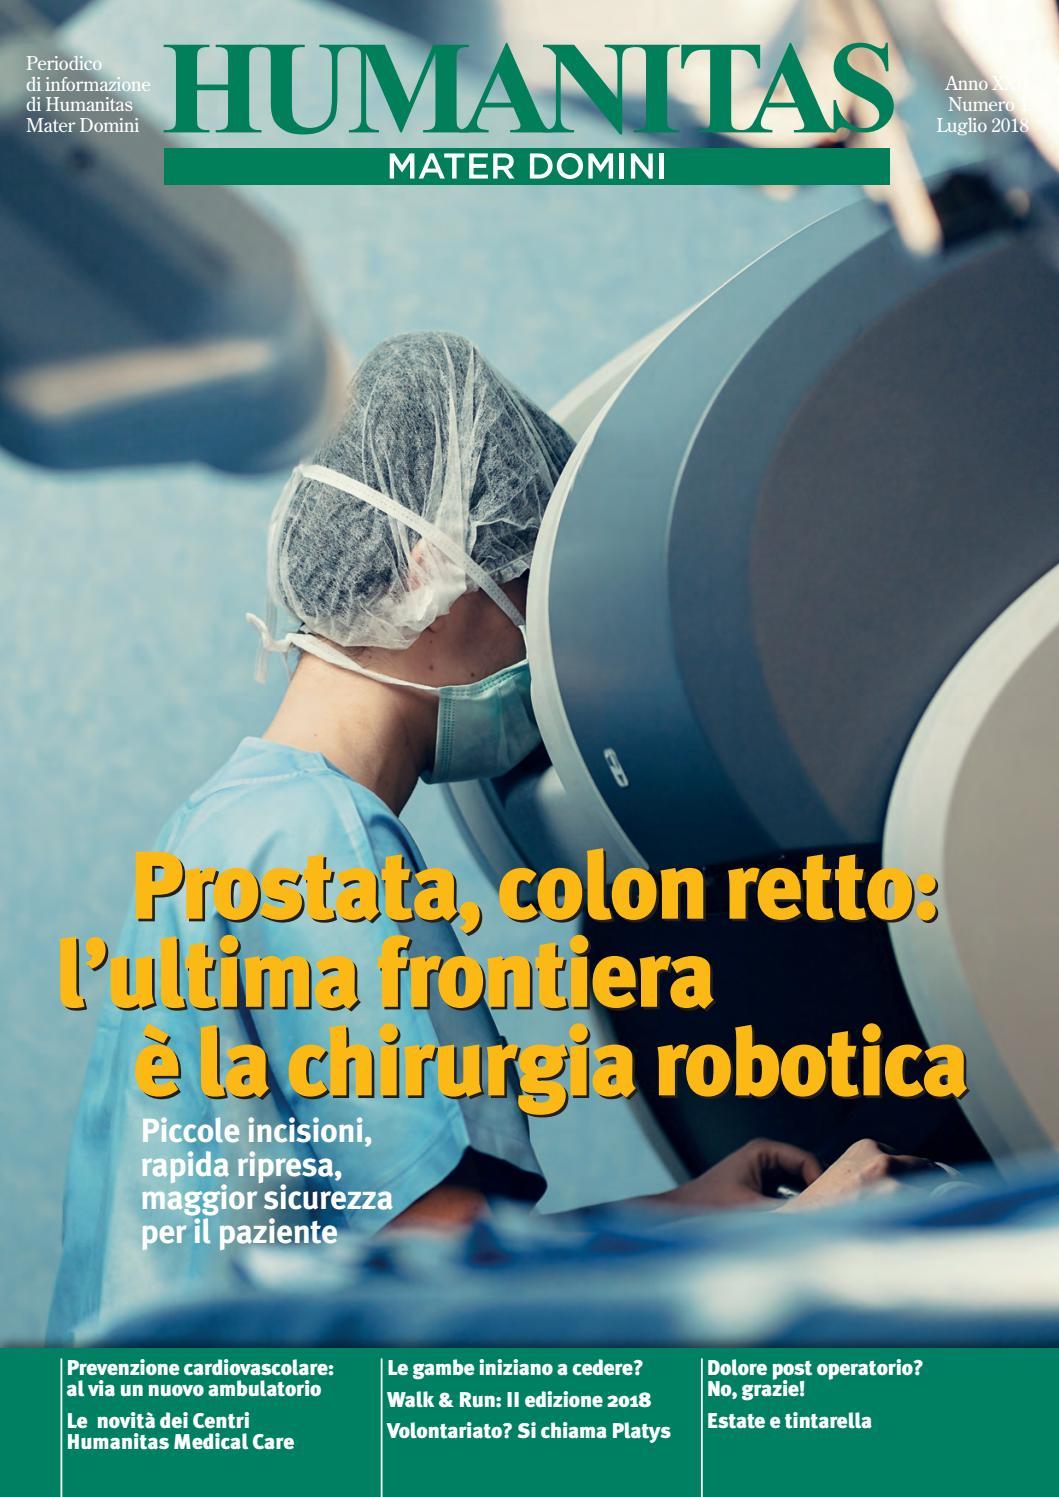 intervento chirurgico per prostatite acuta al dettaglio